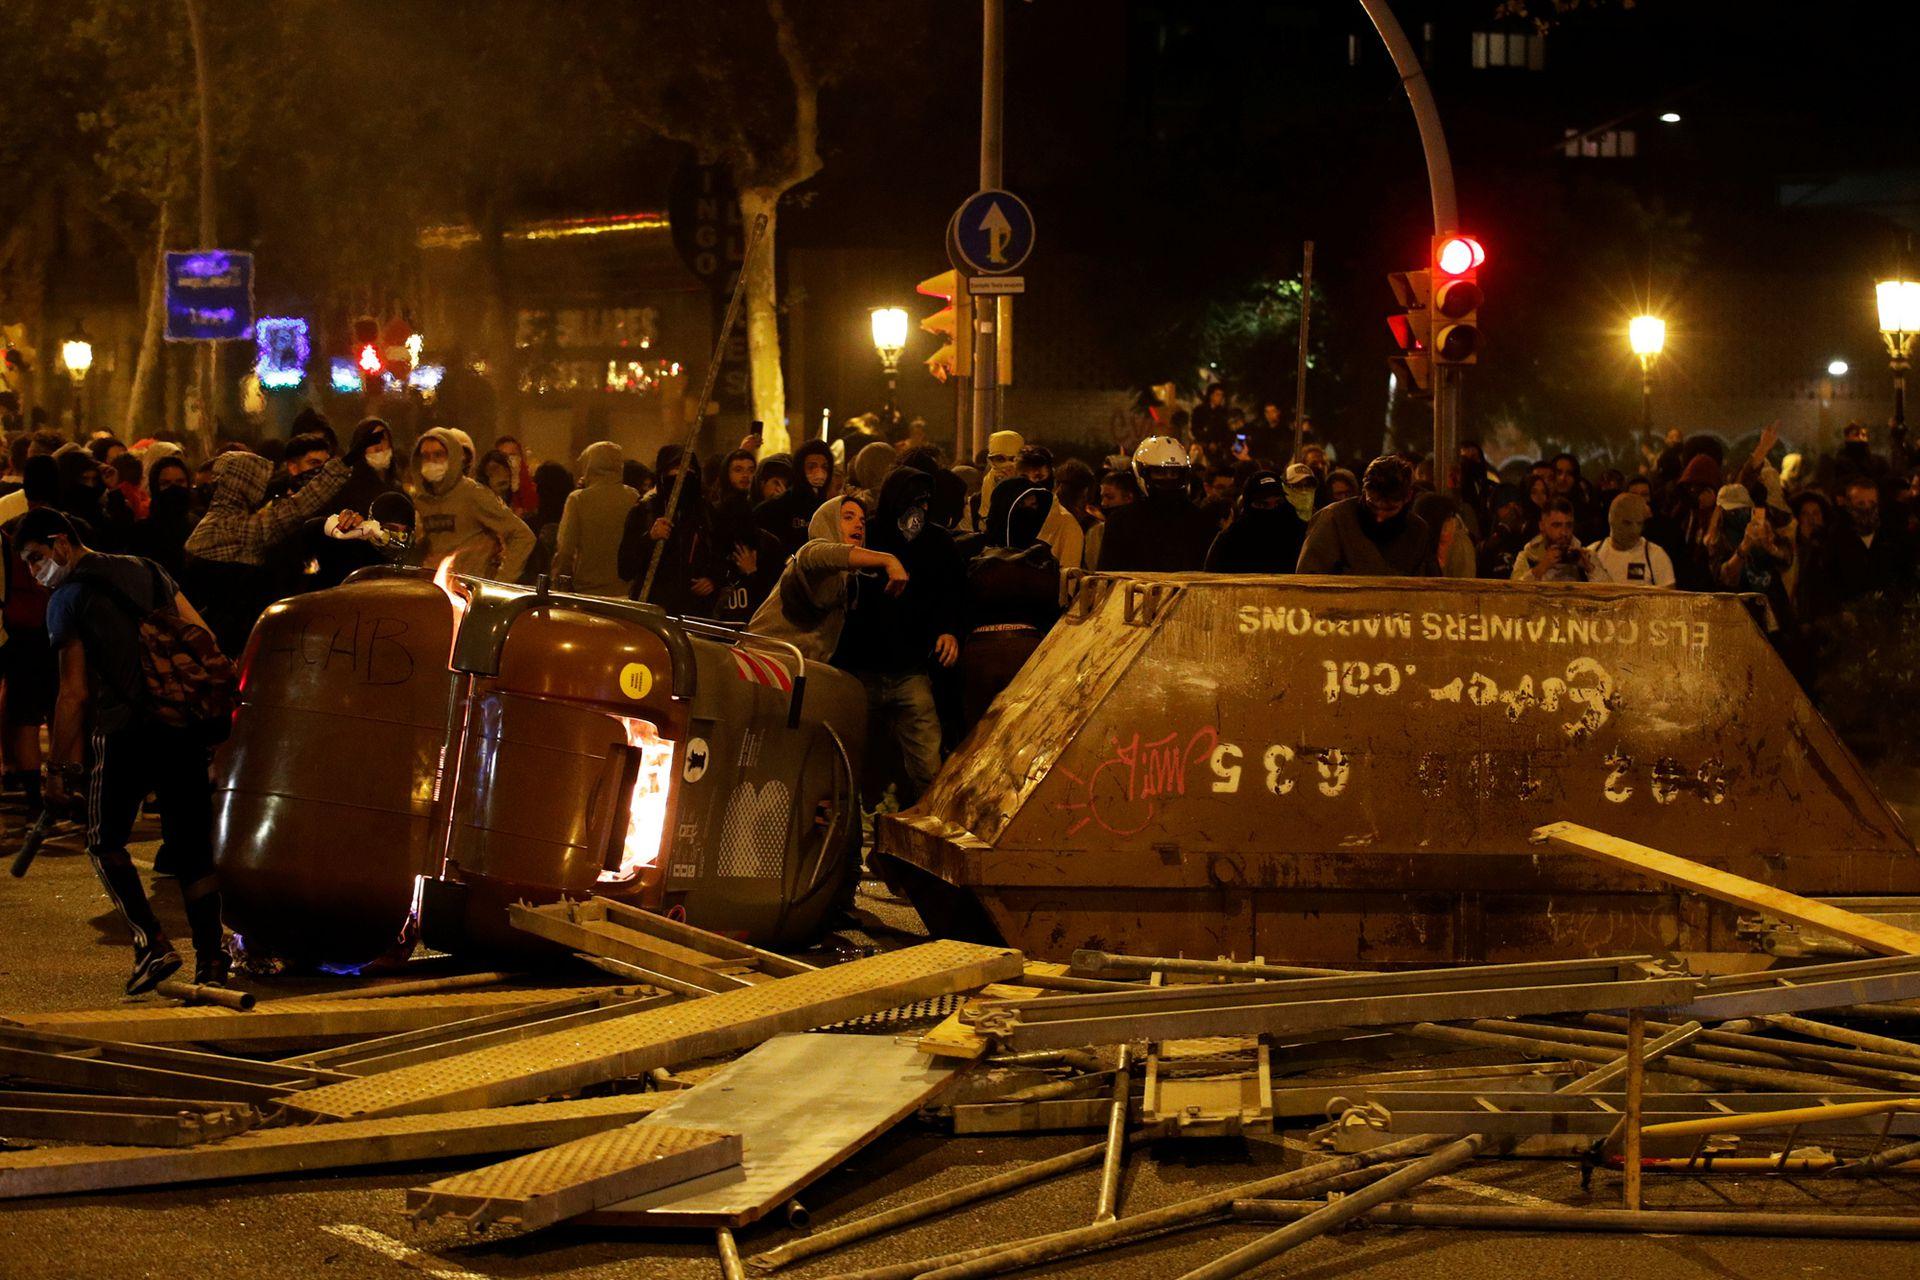 Un volquete y un canasto de basura, como barricada contra la policía